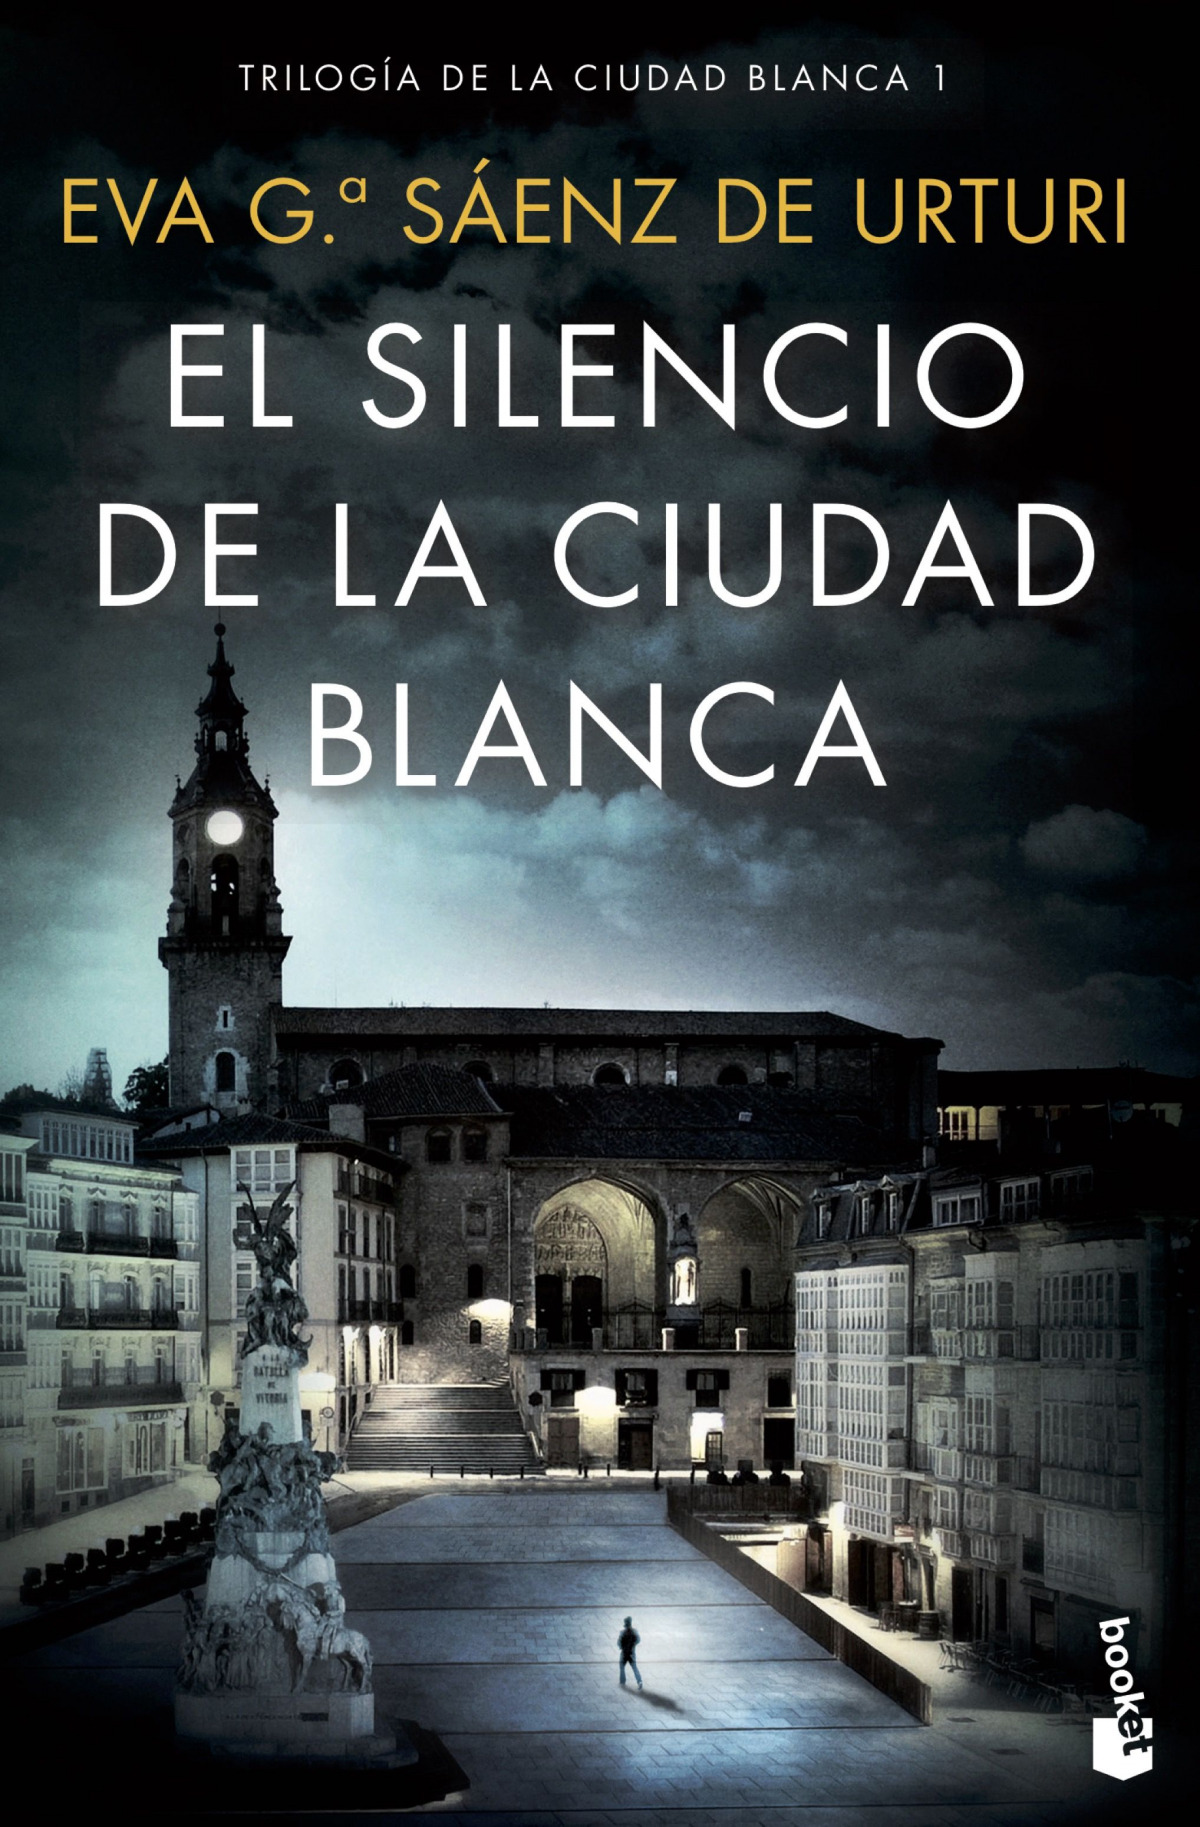 El silencio de la ciudad blanca 9788408223160